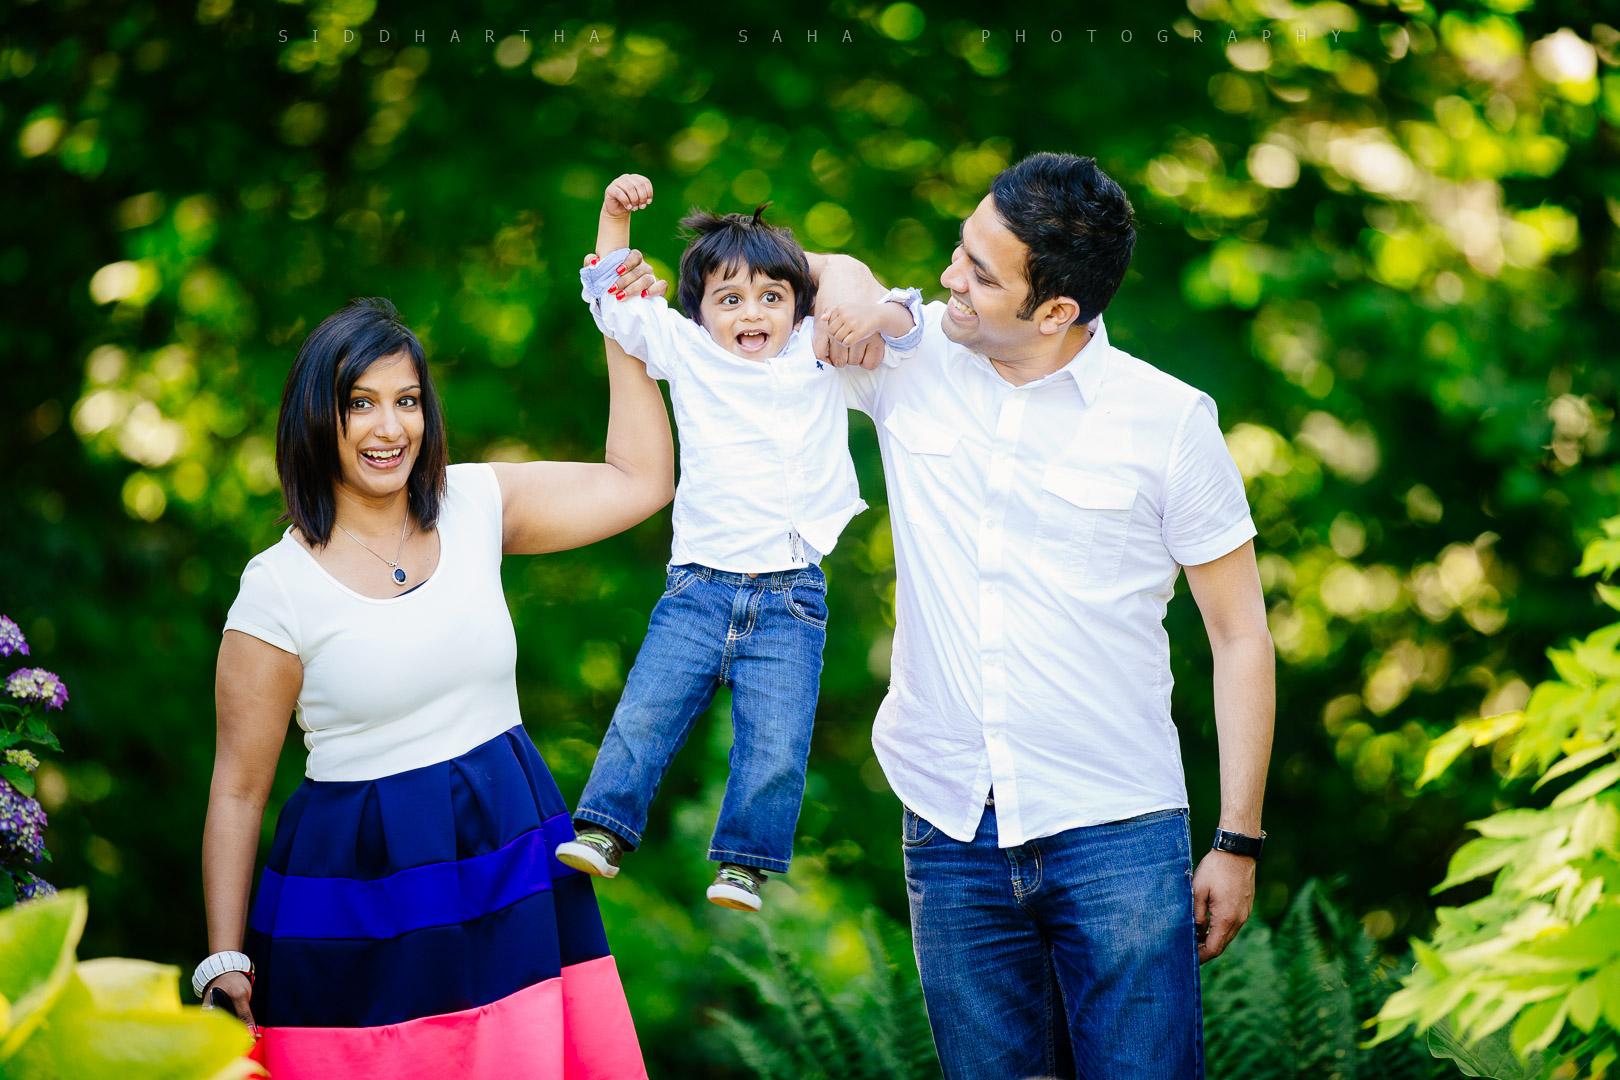 2015-06-14 - Ranjani Naveen Vihaan Photoshoot - _05Y6476